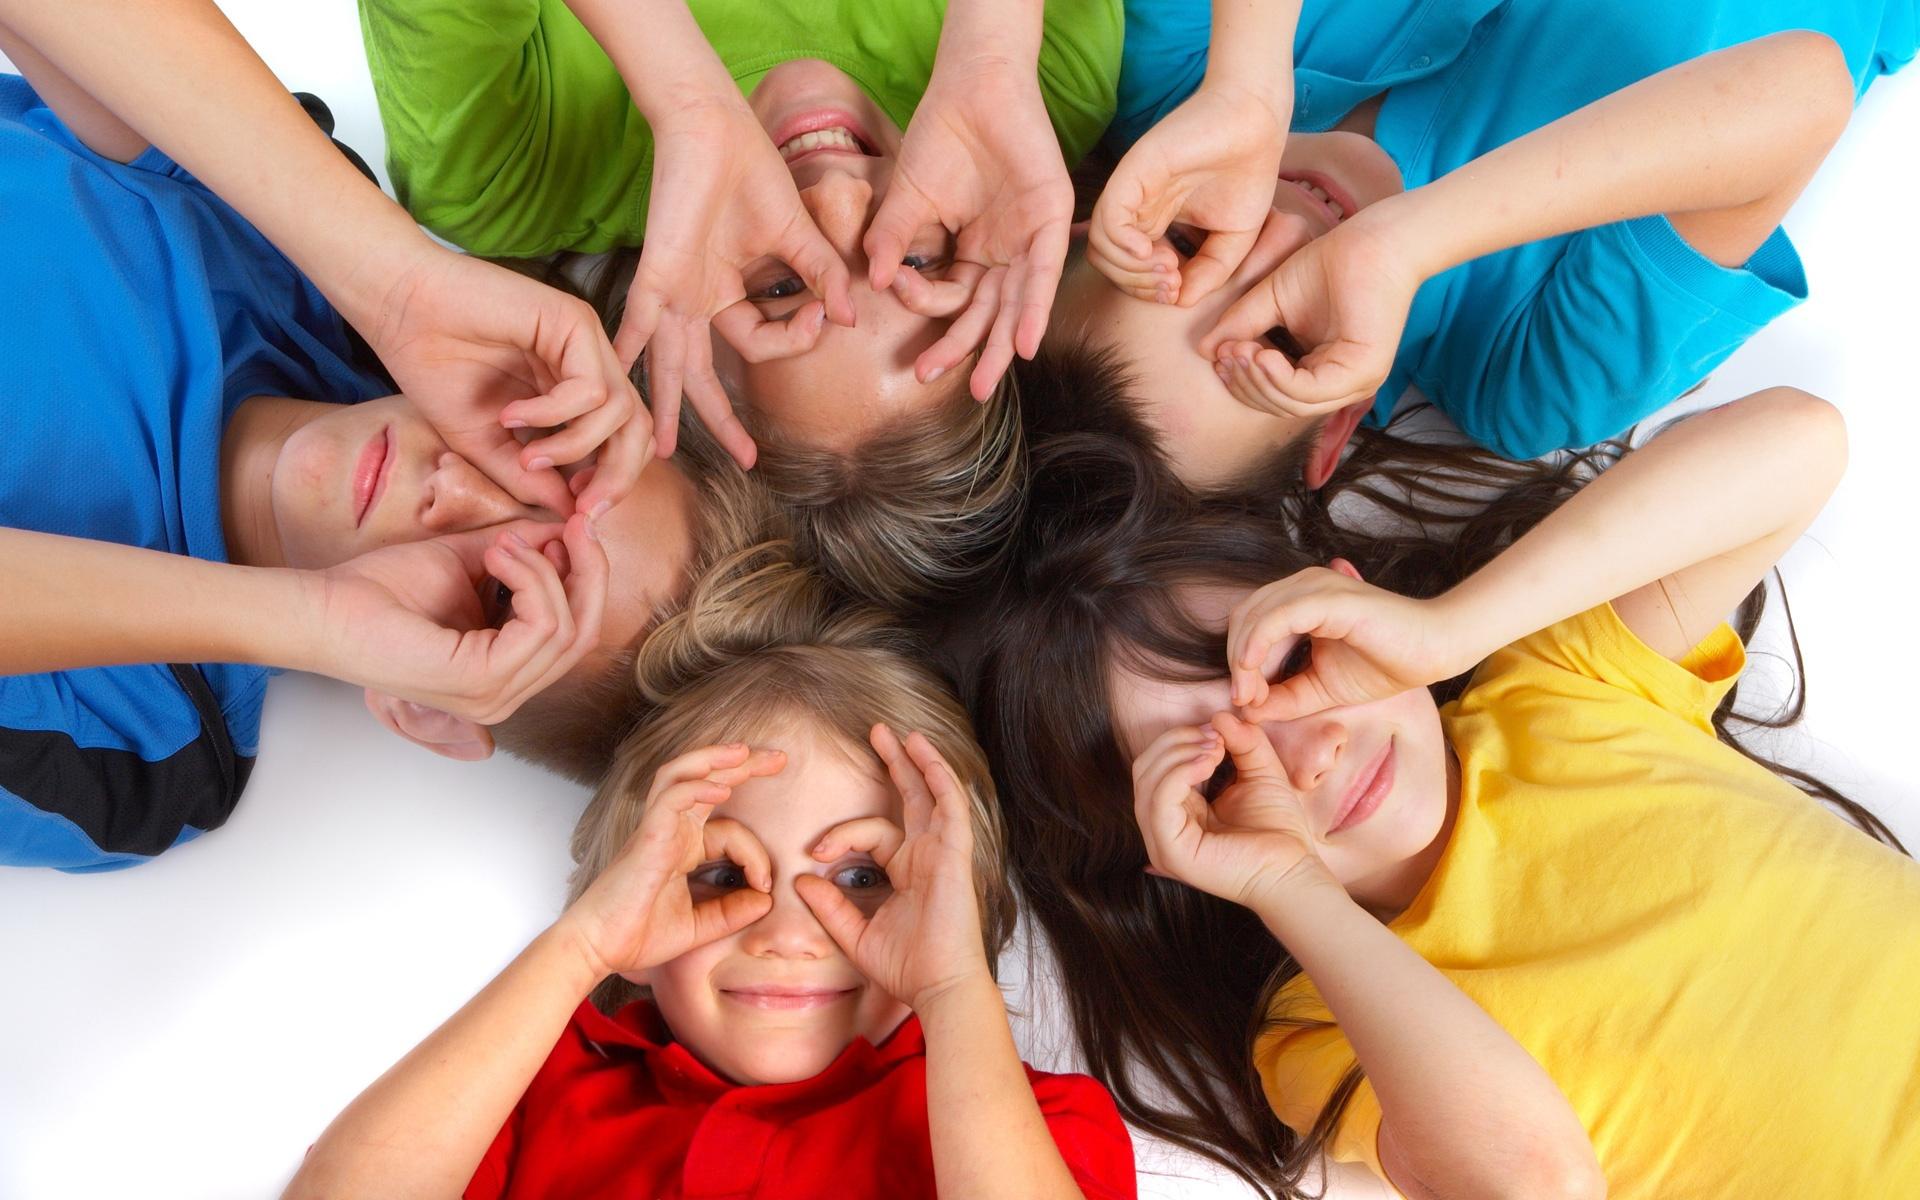 ���� �������. Bonito Kids - ����� � ����� ��������! �����������, ������ � �������������� ������ ��� ����� ����� �� ����� ��������� ����! ������ ����� ������� � ����� � �����! ������� �� 0 �� 12 ���. 5 �����